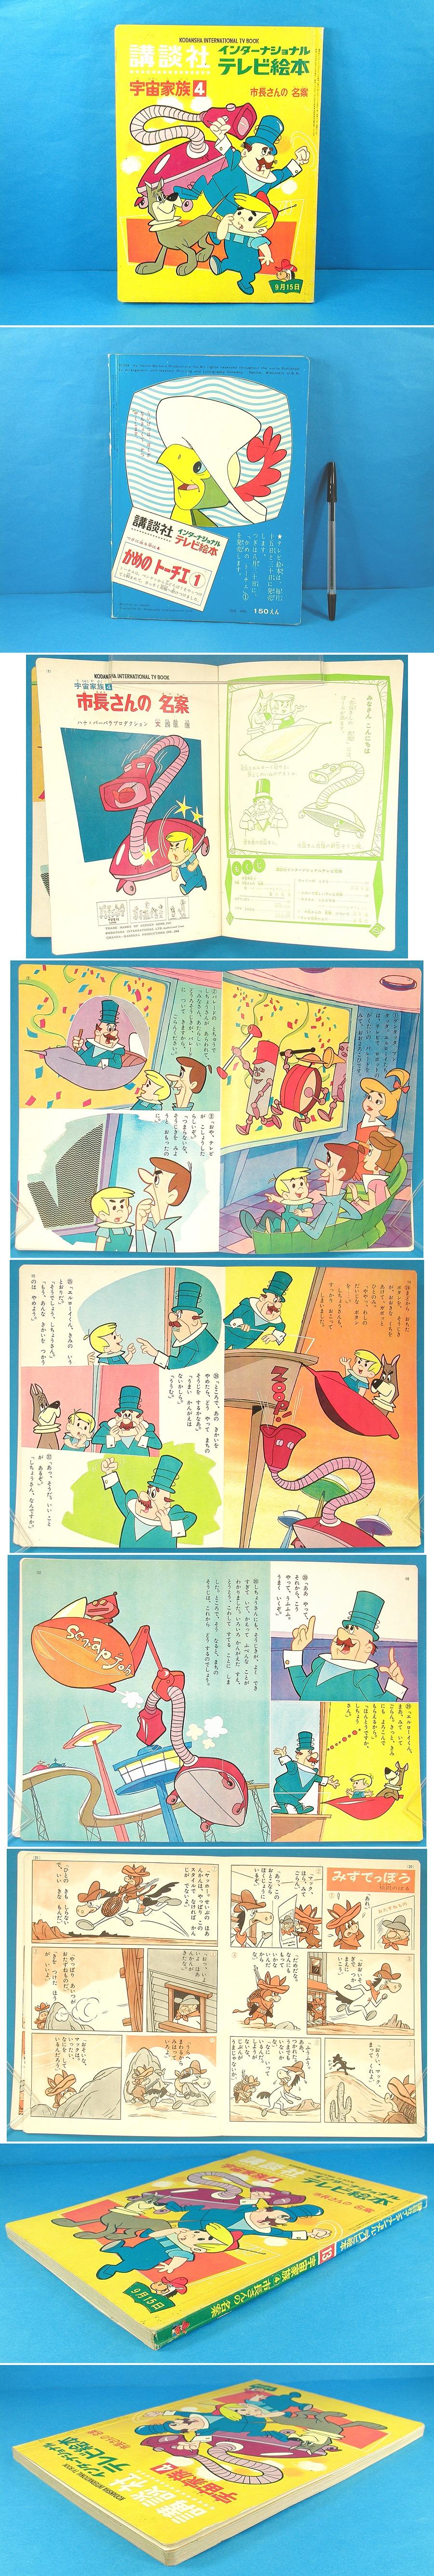 hb_jetsons_japanbook1